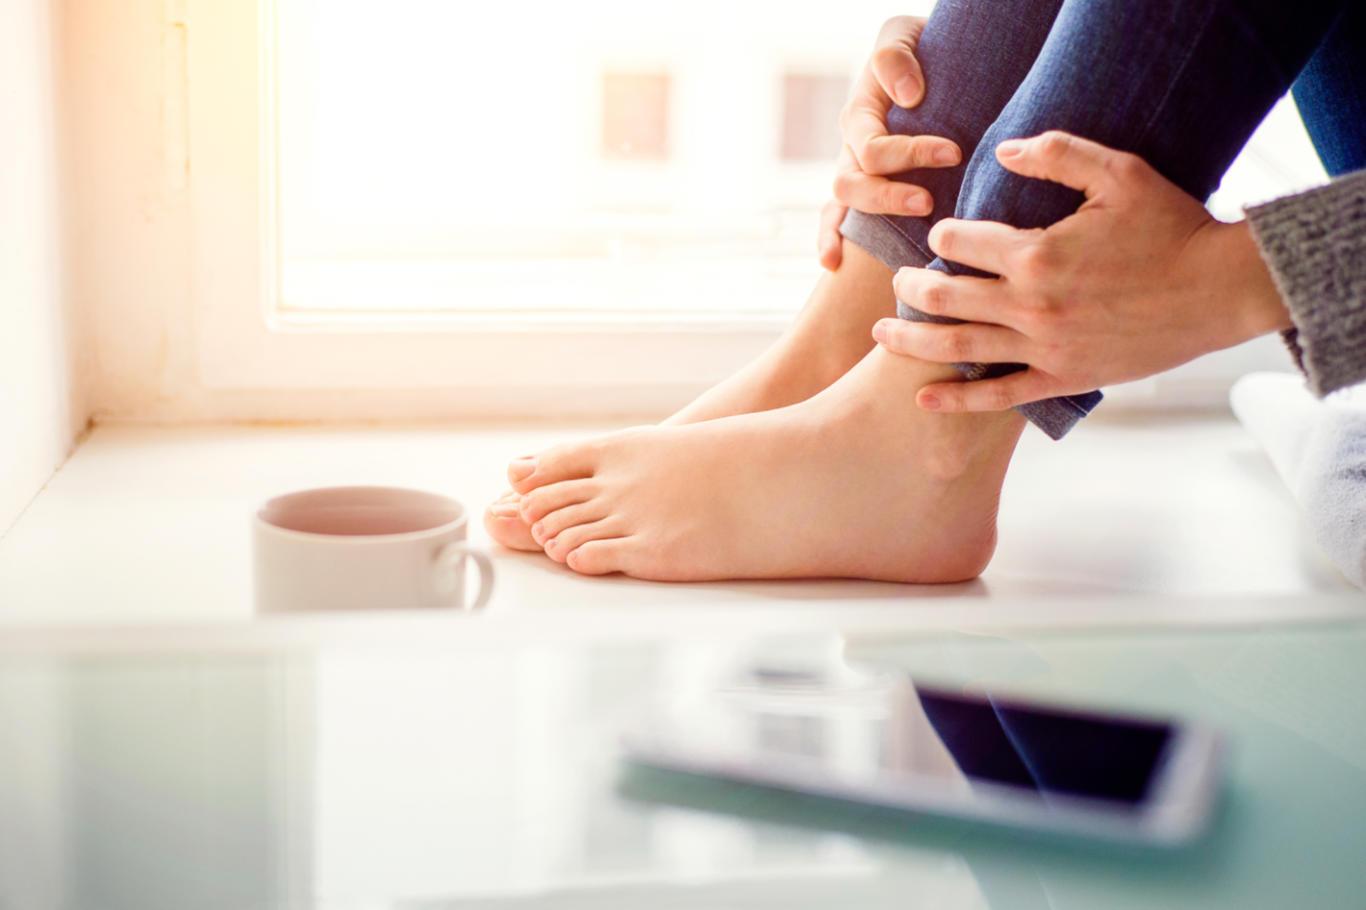 examine feet